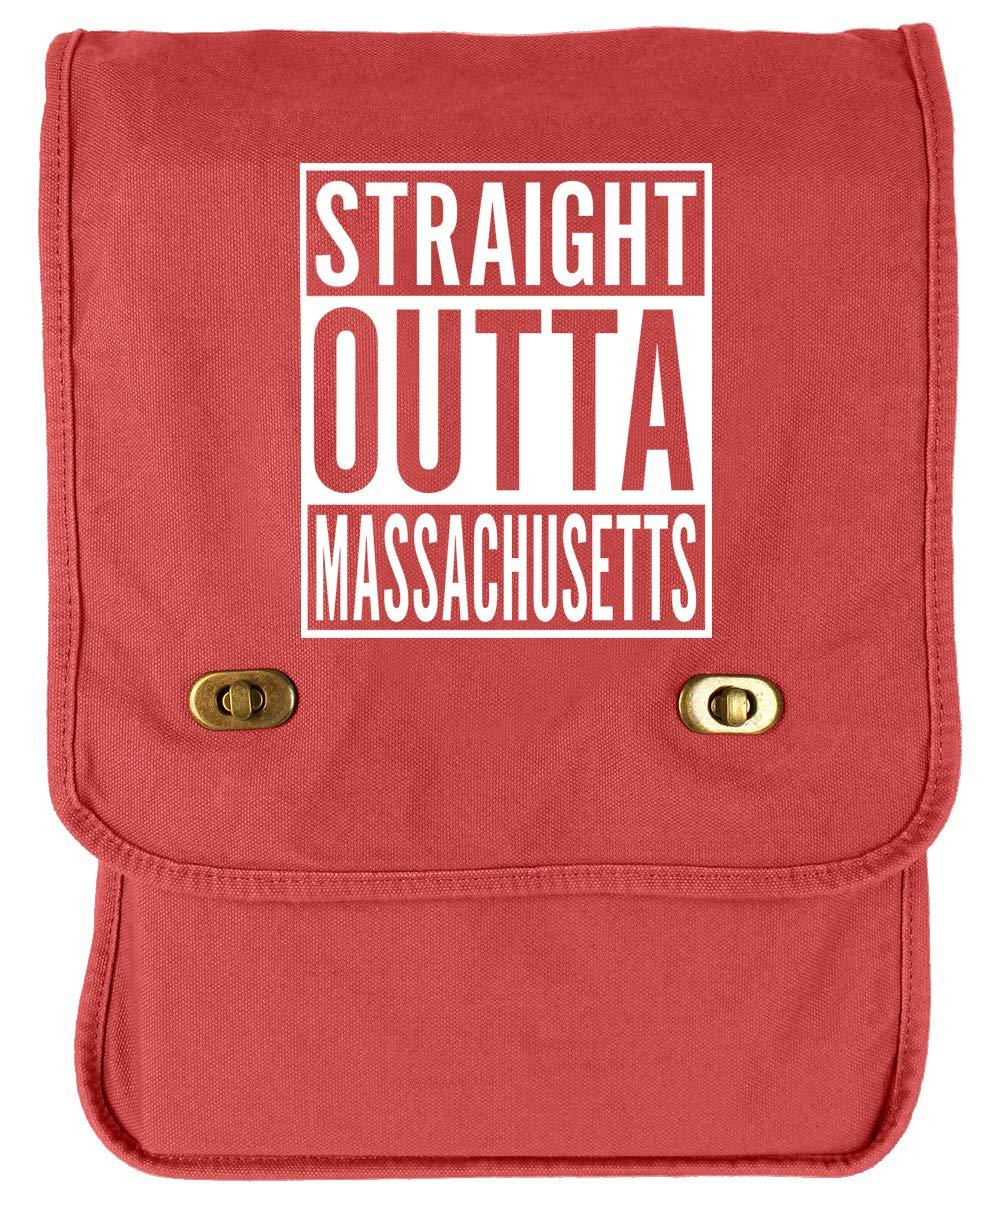 Tenacitee Straight Outta Massachusetts Khaki Green Raw Edge Canvas Messenger Bag